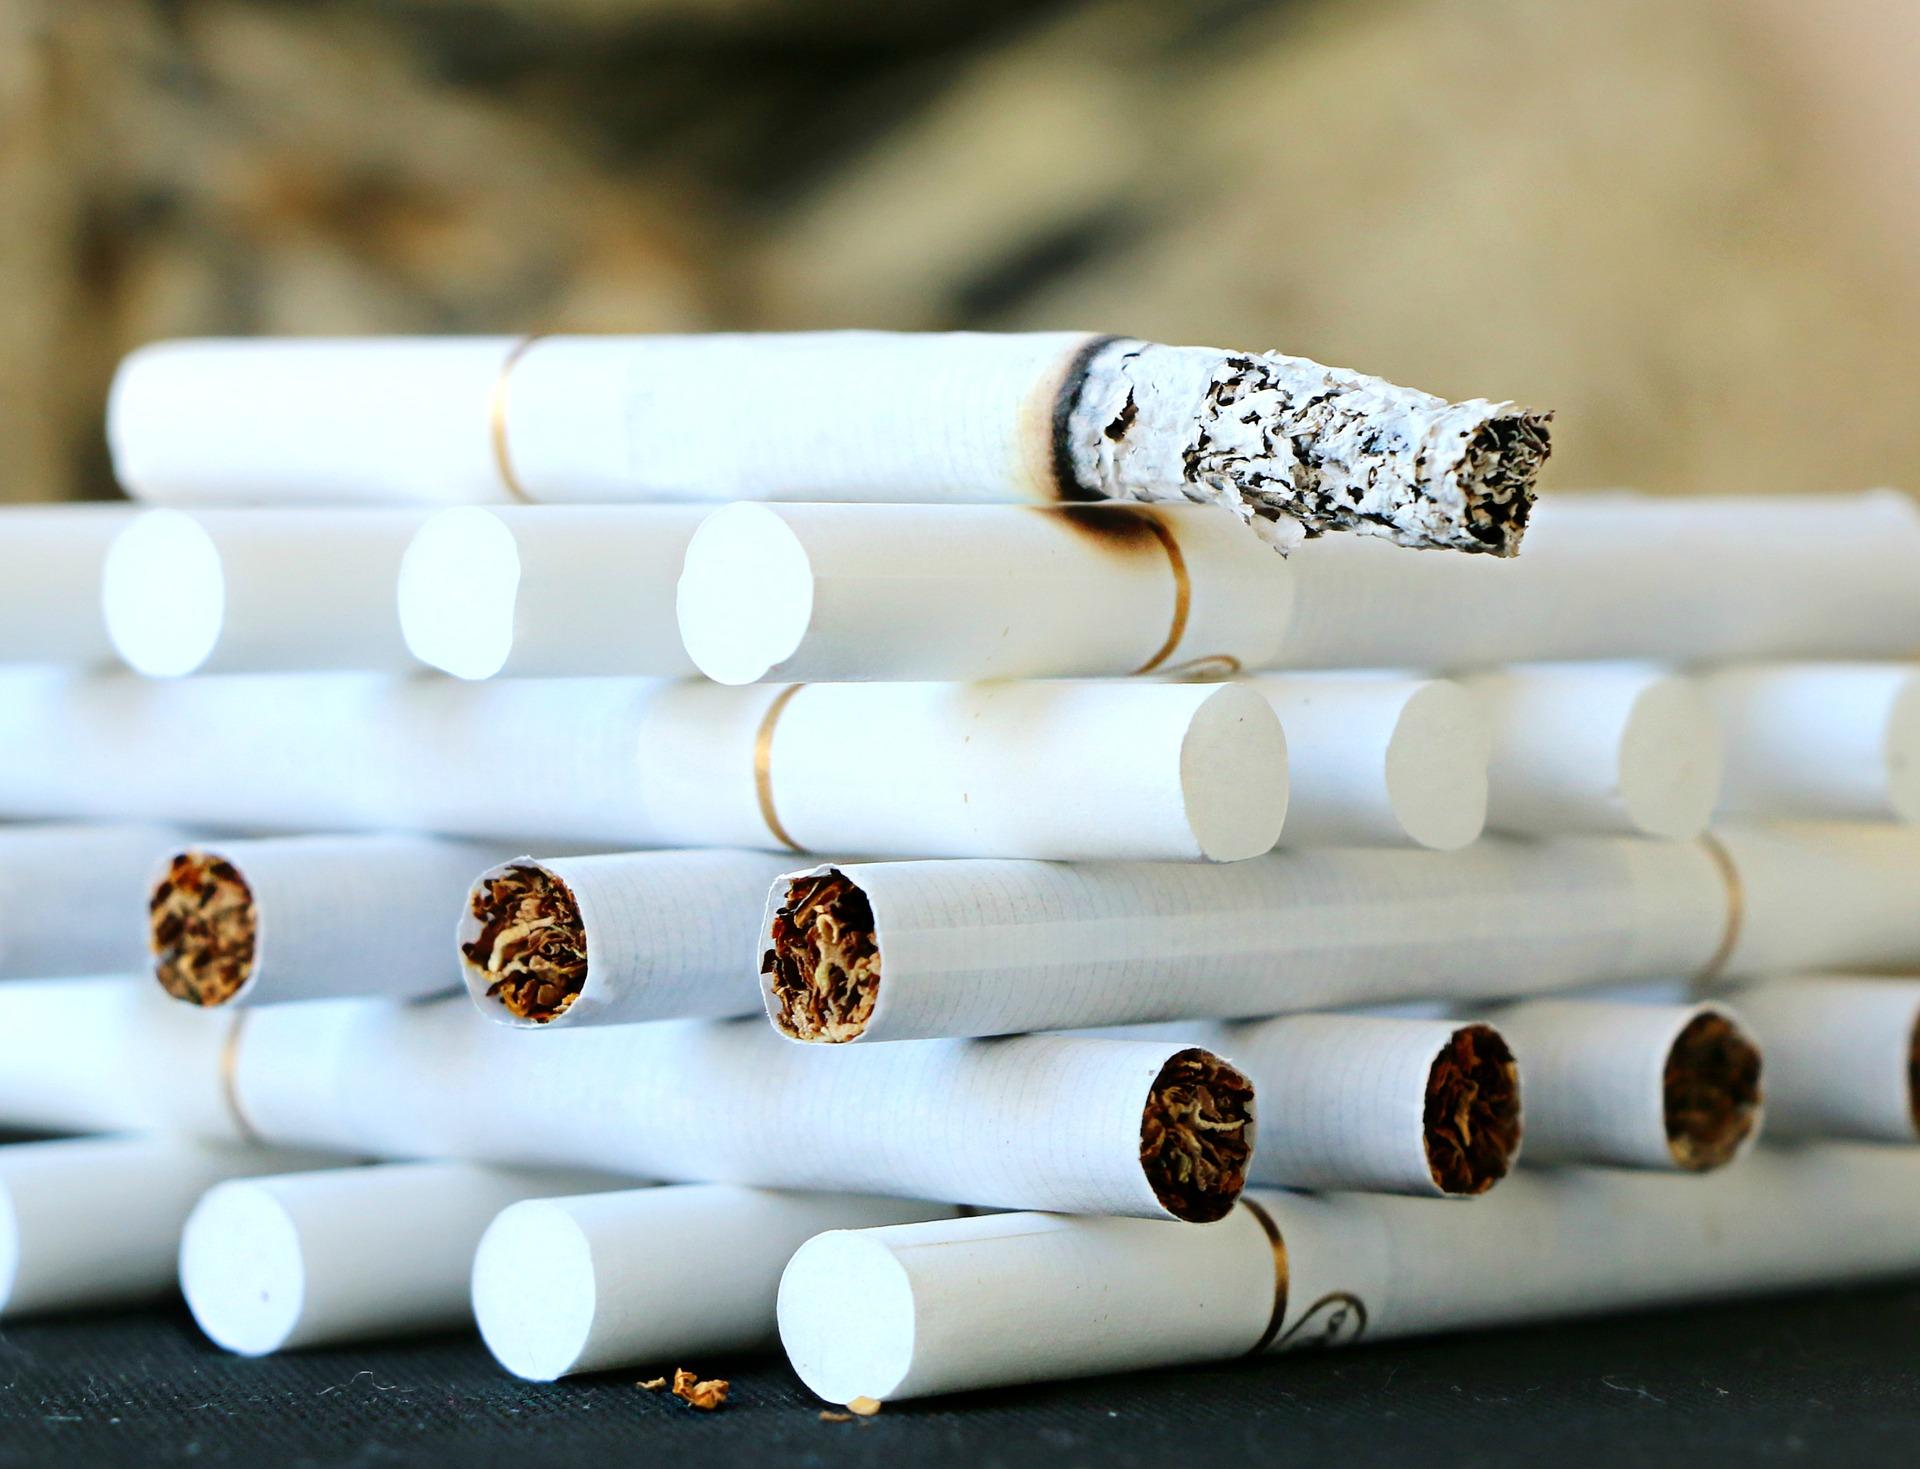 バルコニーでたばこを吸う人たちはいつかトラブルに巻き込まれるからIQOSにしたら?